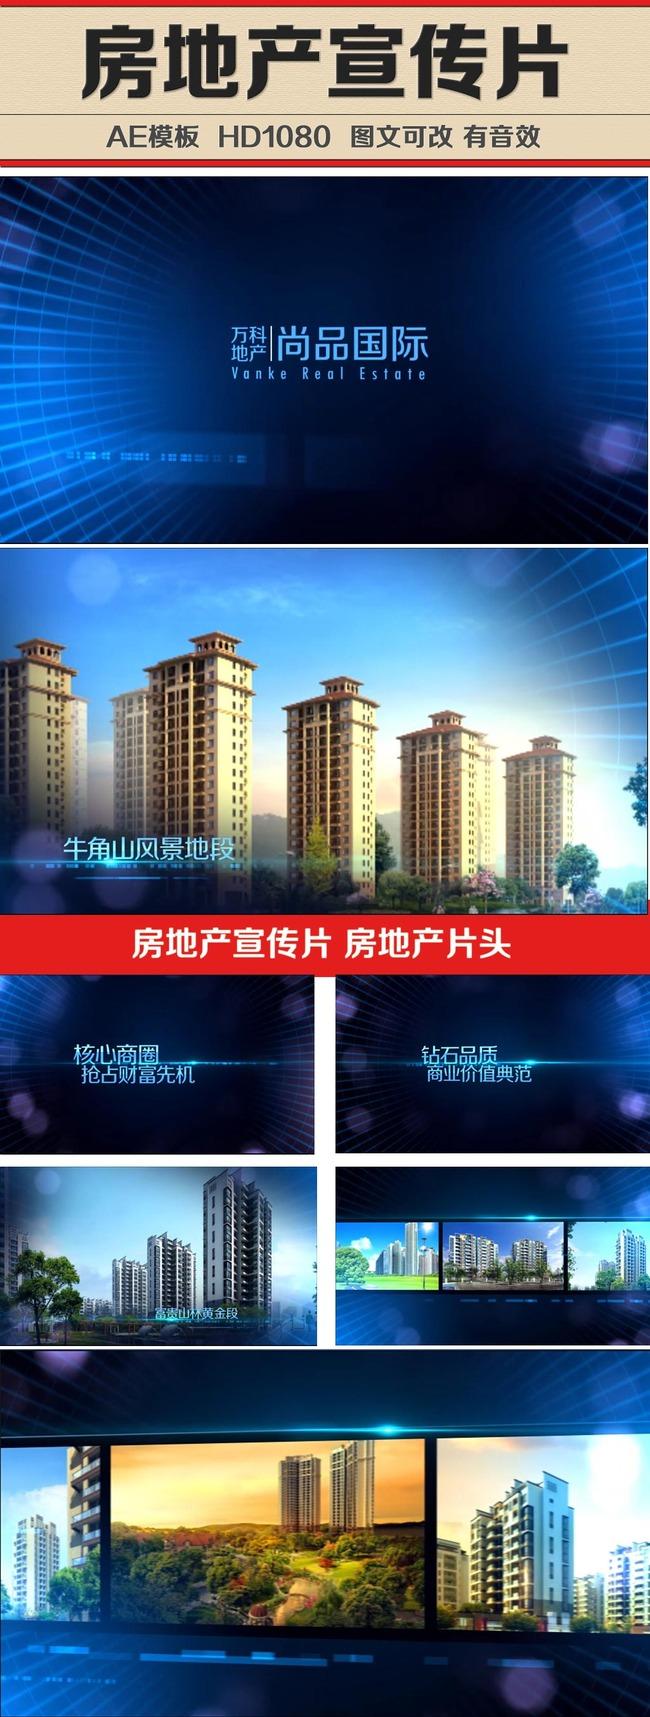 房地产企业宣传片ae模板模板下载(图片编号:12415601)